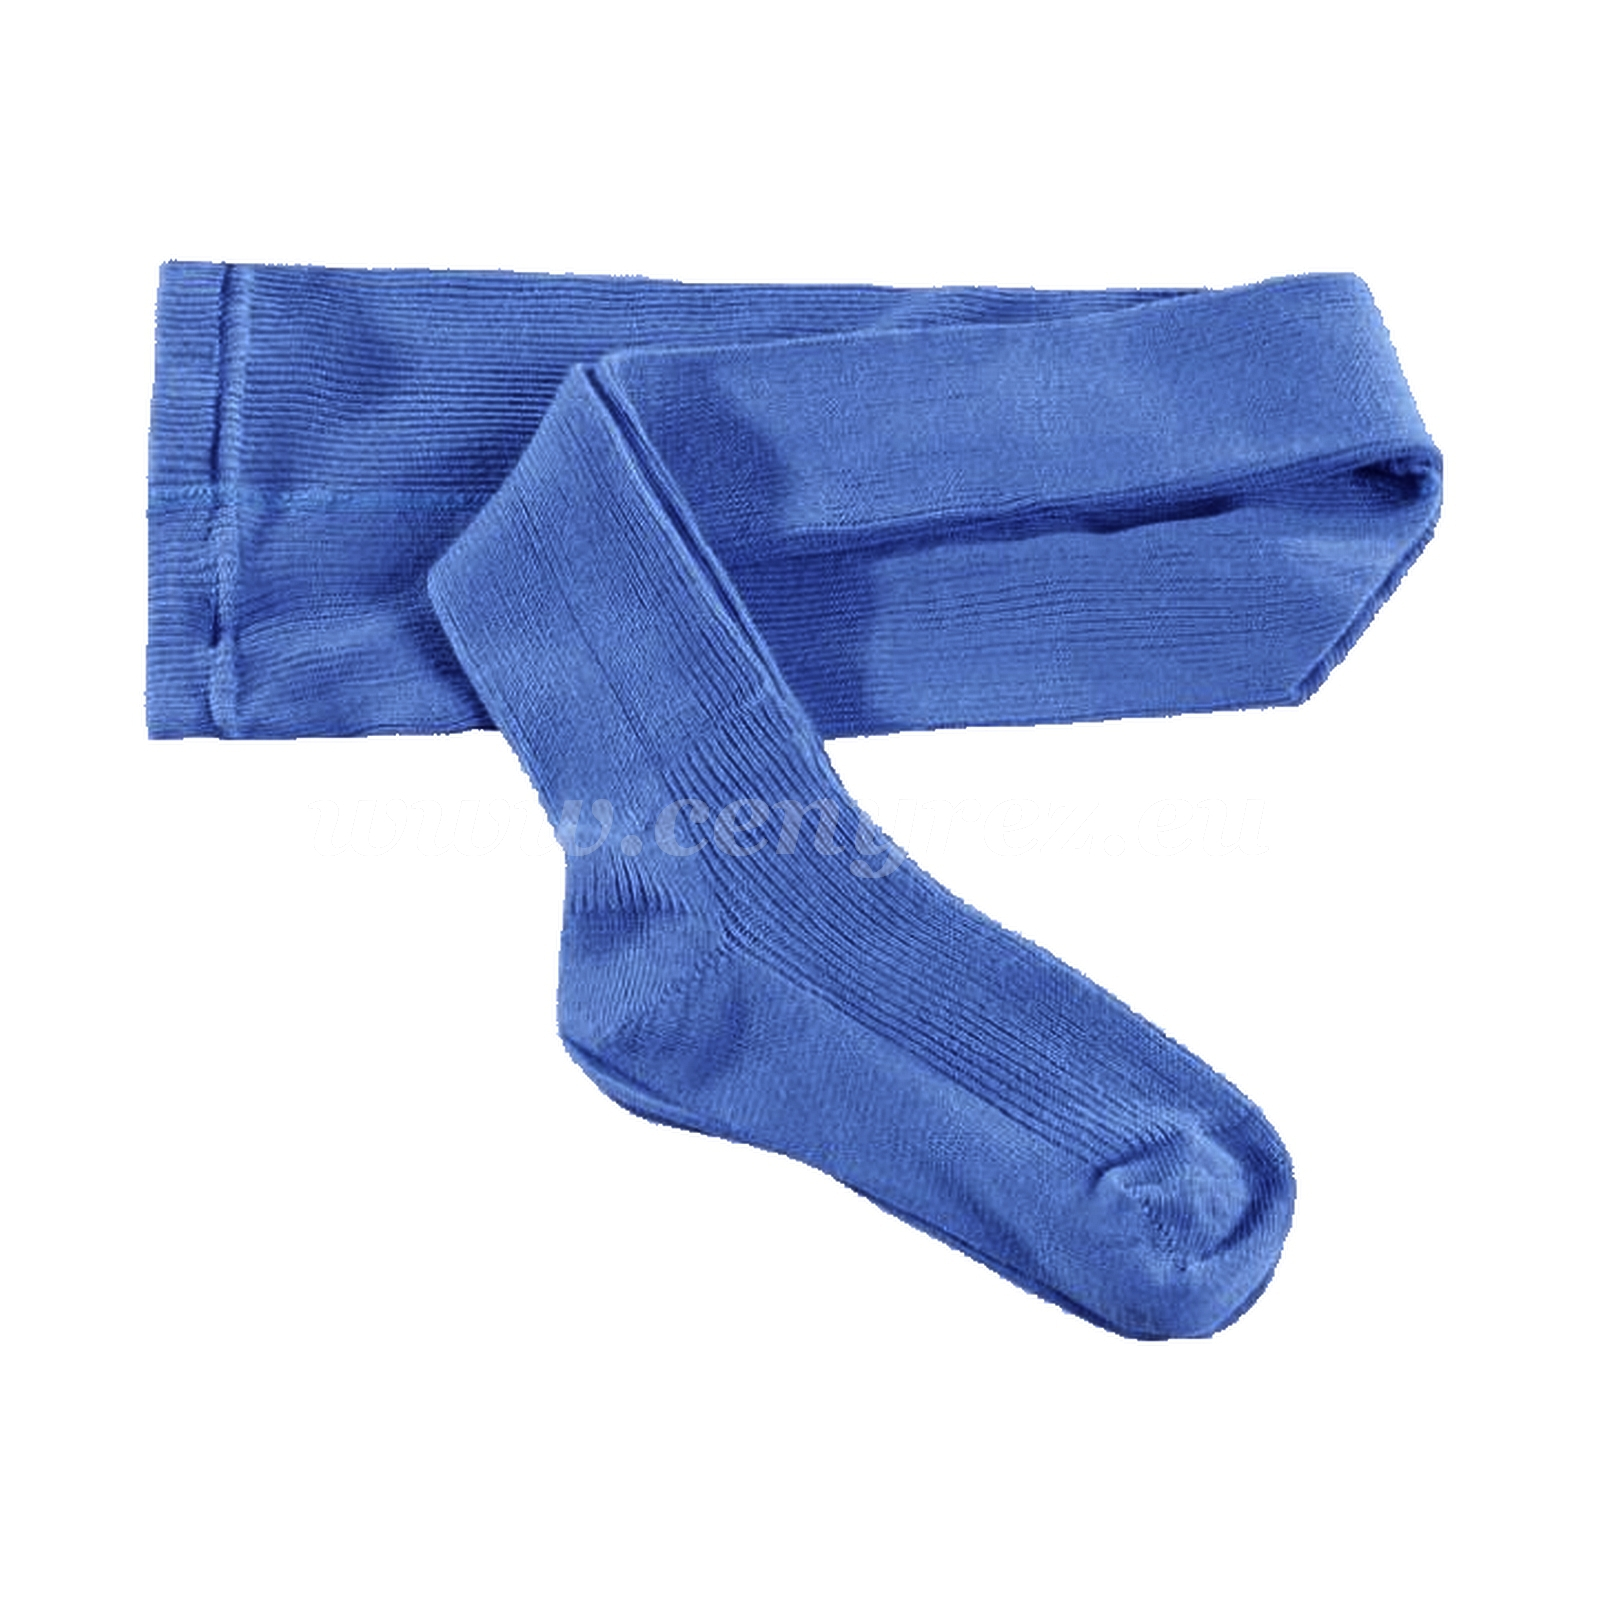 KASKA dětské žebrované punčocháče - modrá